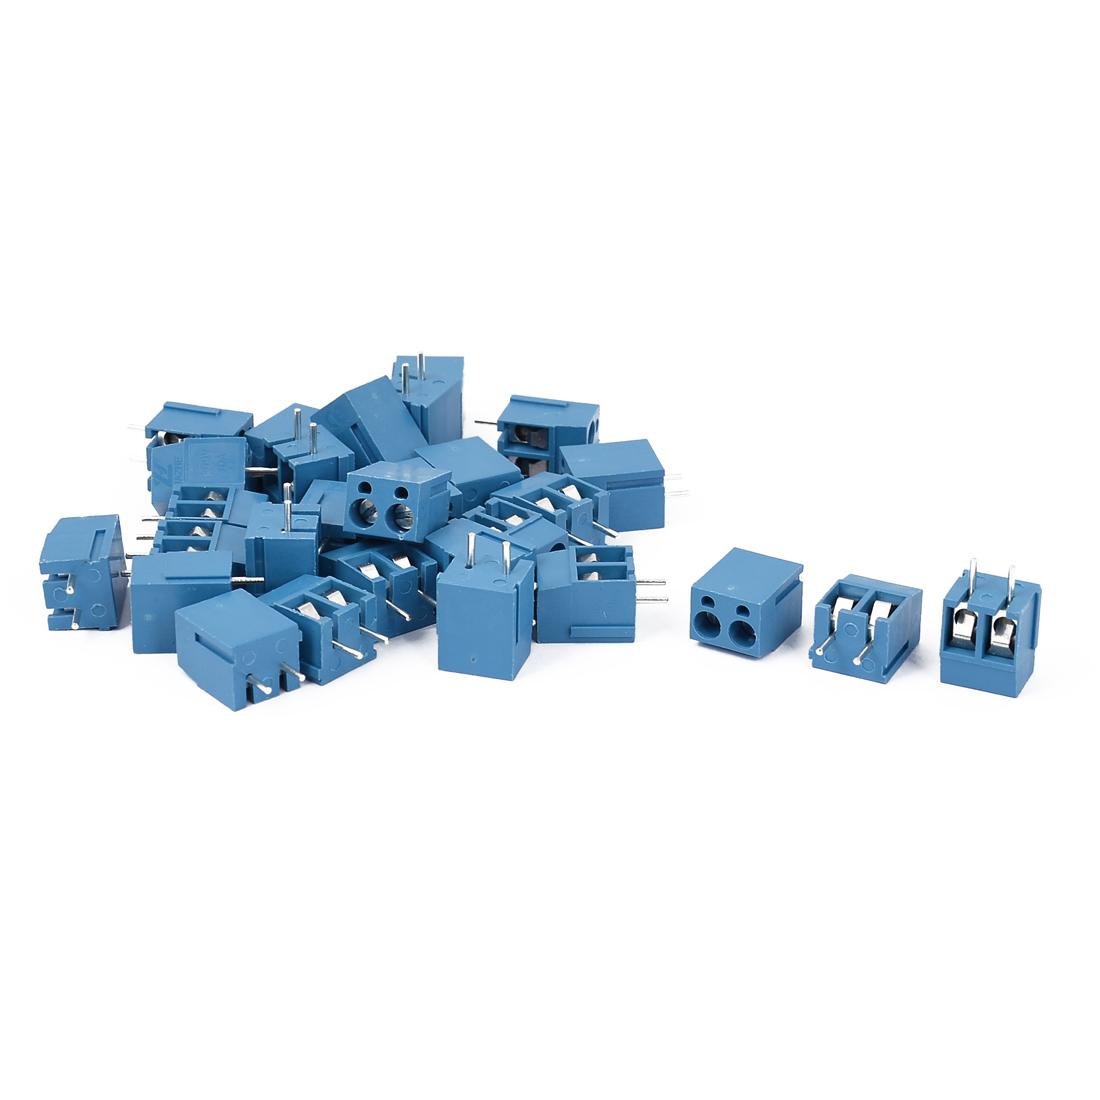 10A 300V 2 Way 2P PCB Mount Screw Terminal Block Connector Blue 29pcs